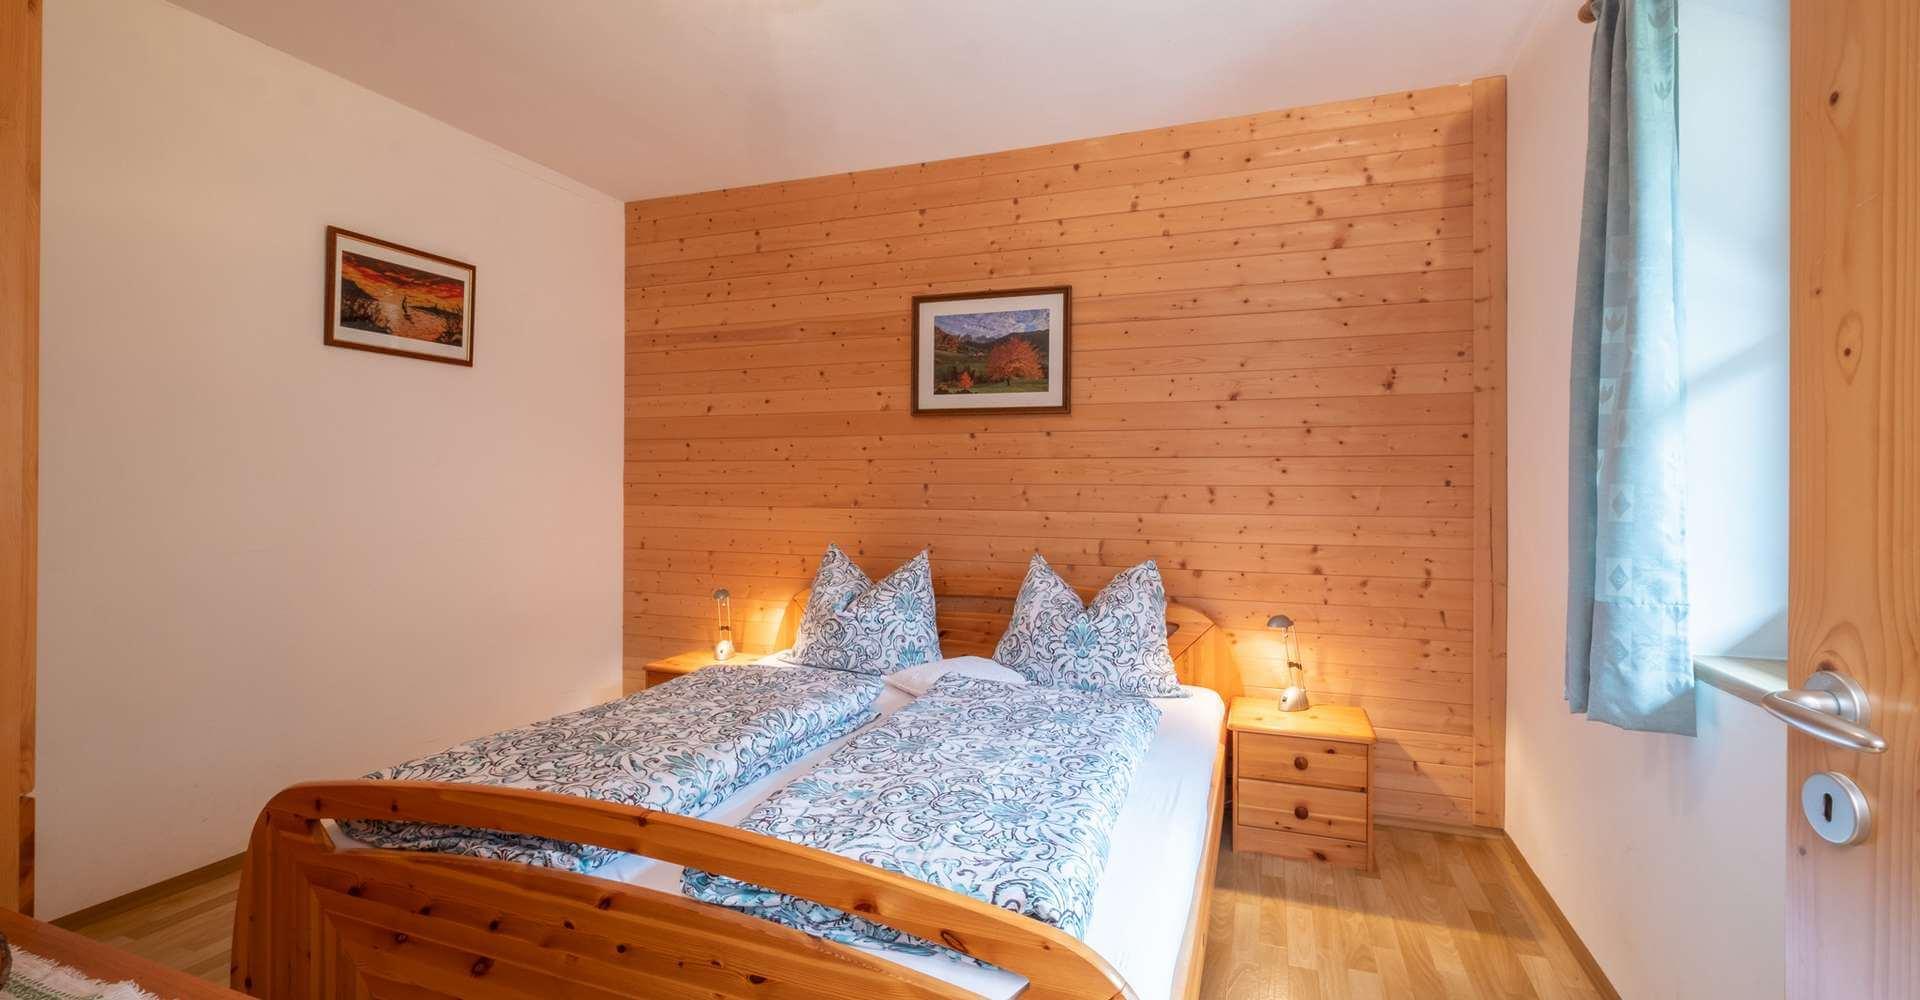 Ferienwohnungen in Villnöss / Südtirol